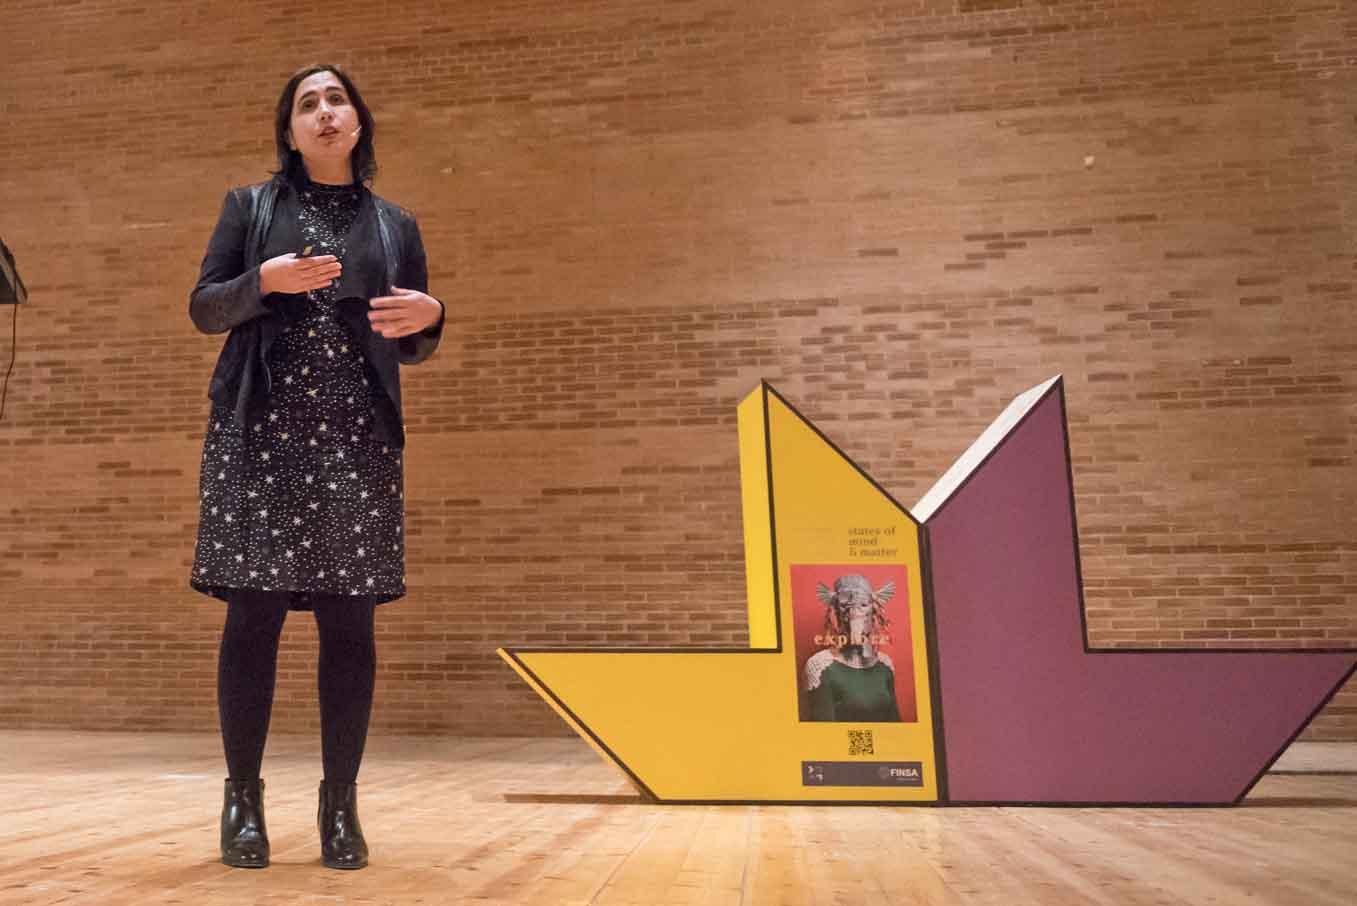 Maite Rodríguez en la presentación del Trendbook Finsa 2018-2019 durante la Feria del Mueble de Zaragoza